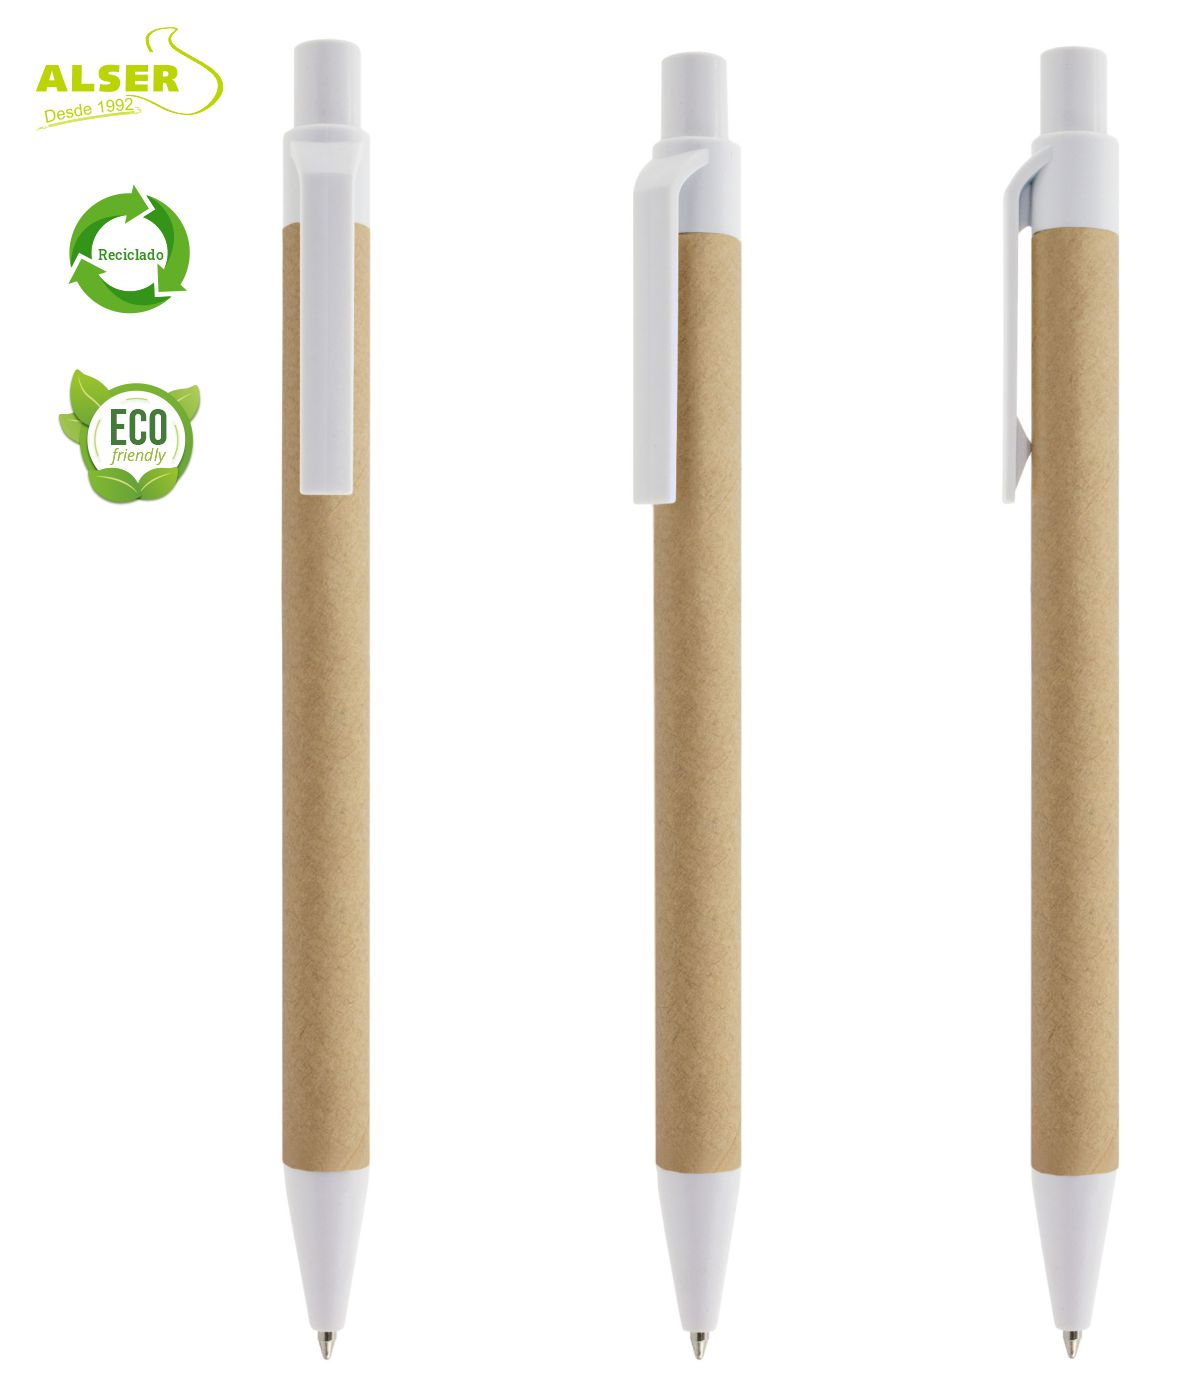 Bolígrafo de cartón reciclado Blanco